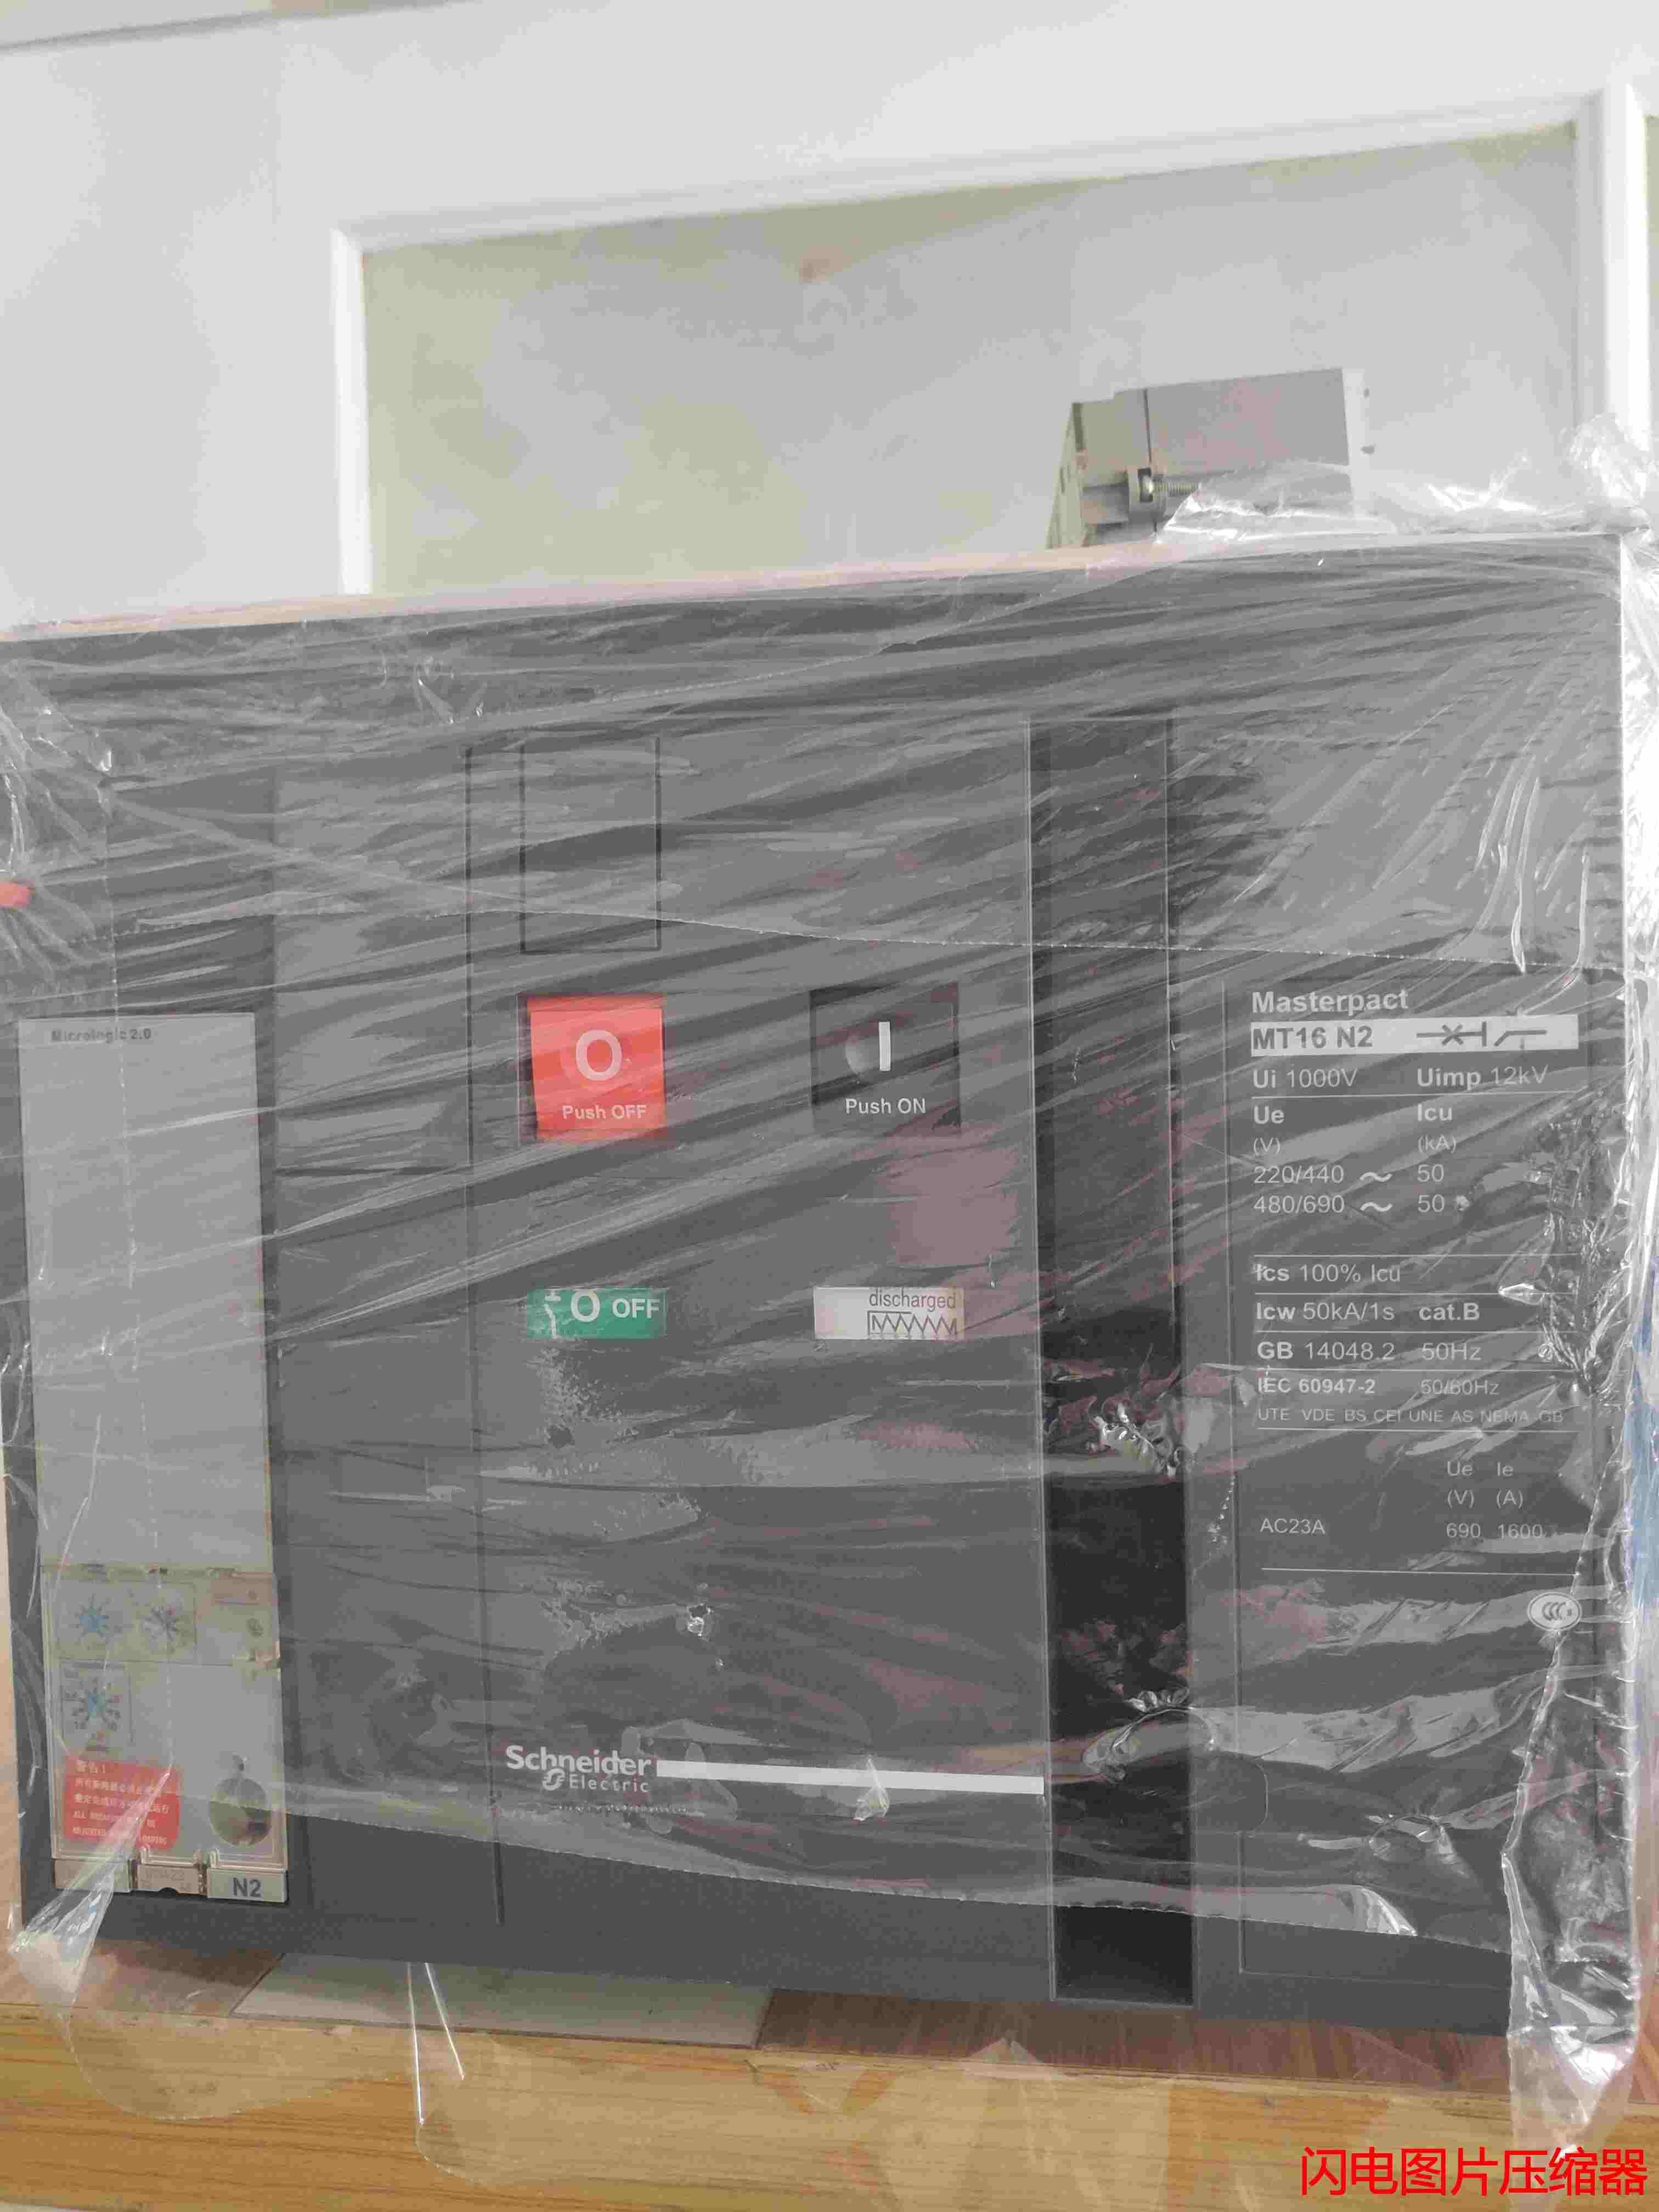 代理销售施耐德MT16 H2 4P F MIC 7.0P 800A框架式断路器